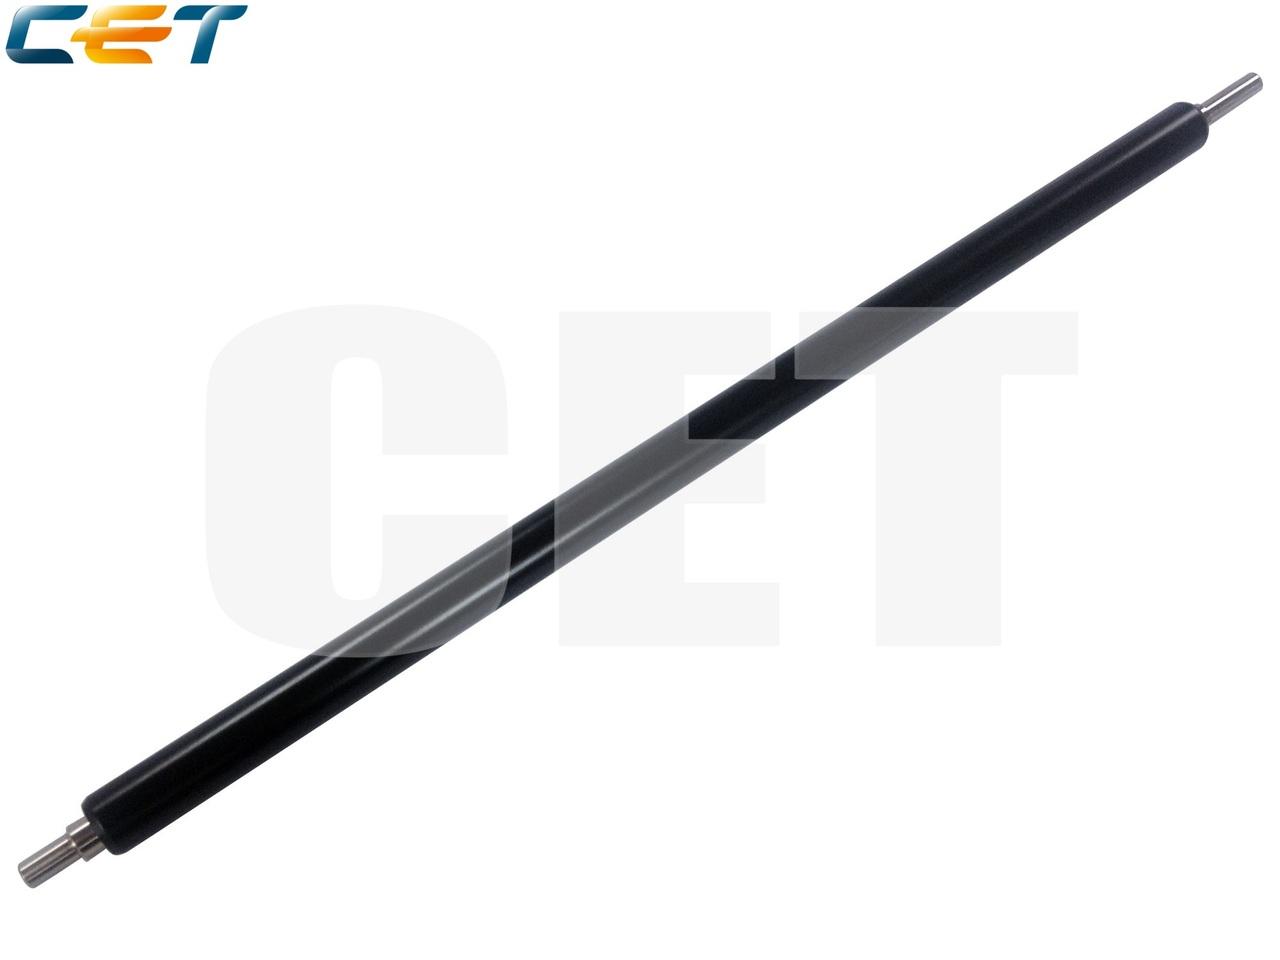 Ролик заряда (старая версия драм-юнита) для CANON iRADVANCEC5030/C5035/C5045/C5051/C5235/C5240/C5250/C5255 (CET),CET5251